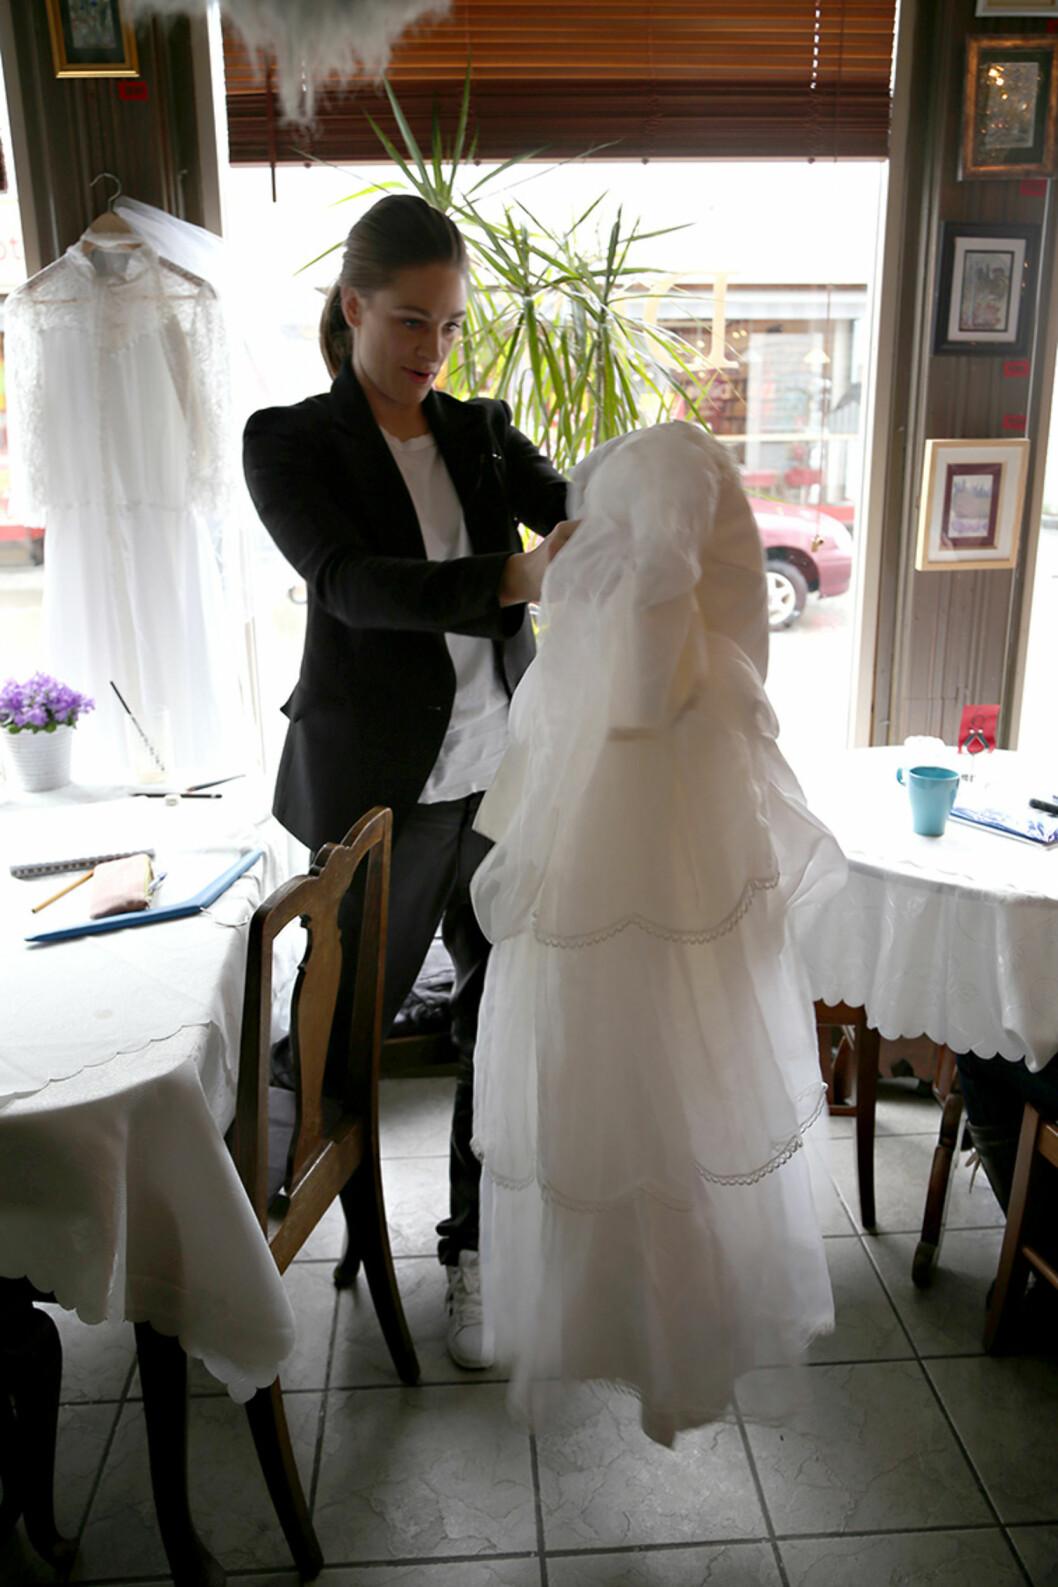 TANKENE I SVING: Jenny Skavlan studerer én av de tre kjolene som danner utgangspunktet for Anne-Malins kommende brudekjole.  Foto: Maria Hjelle